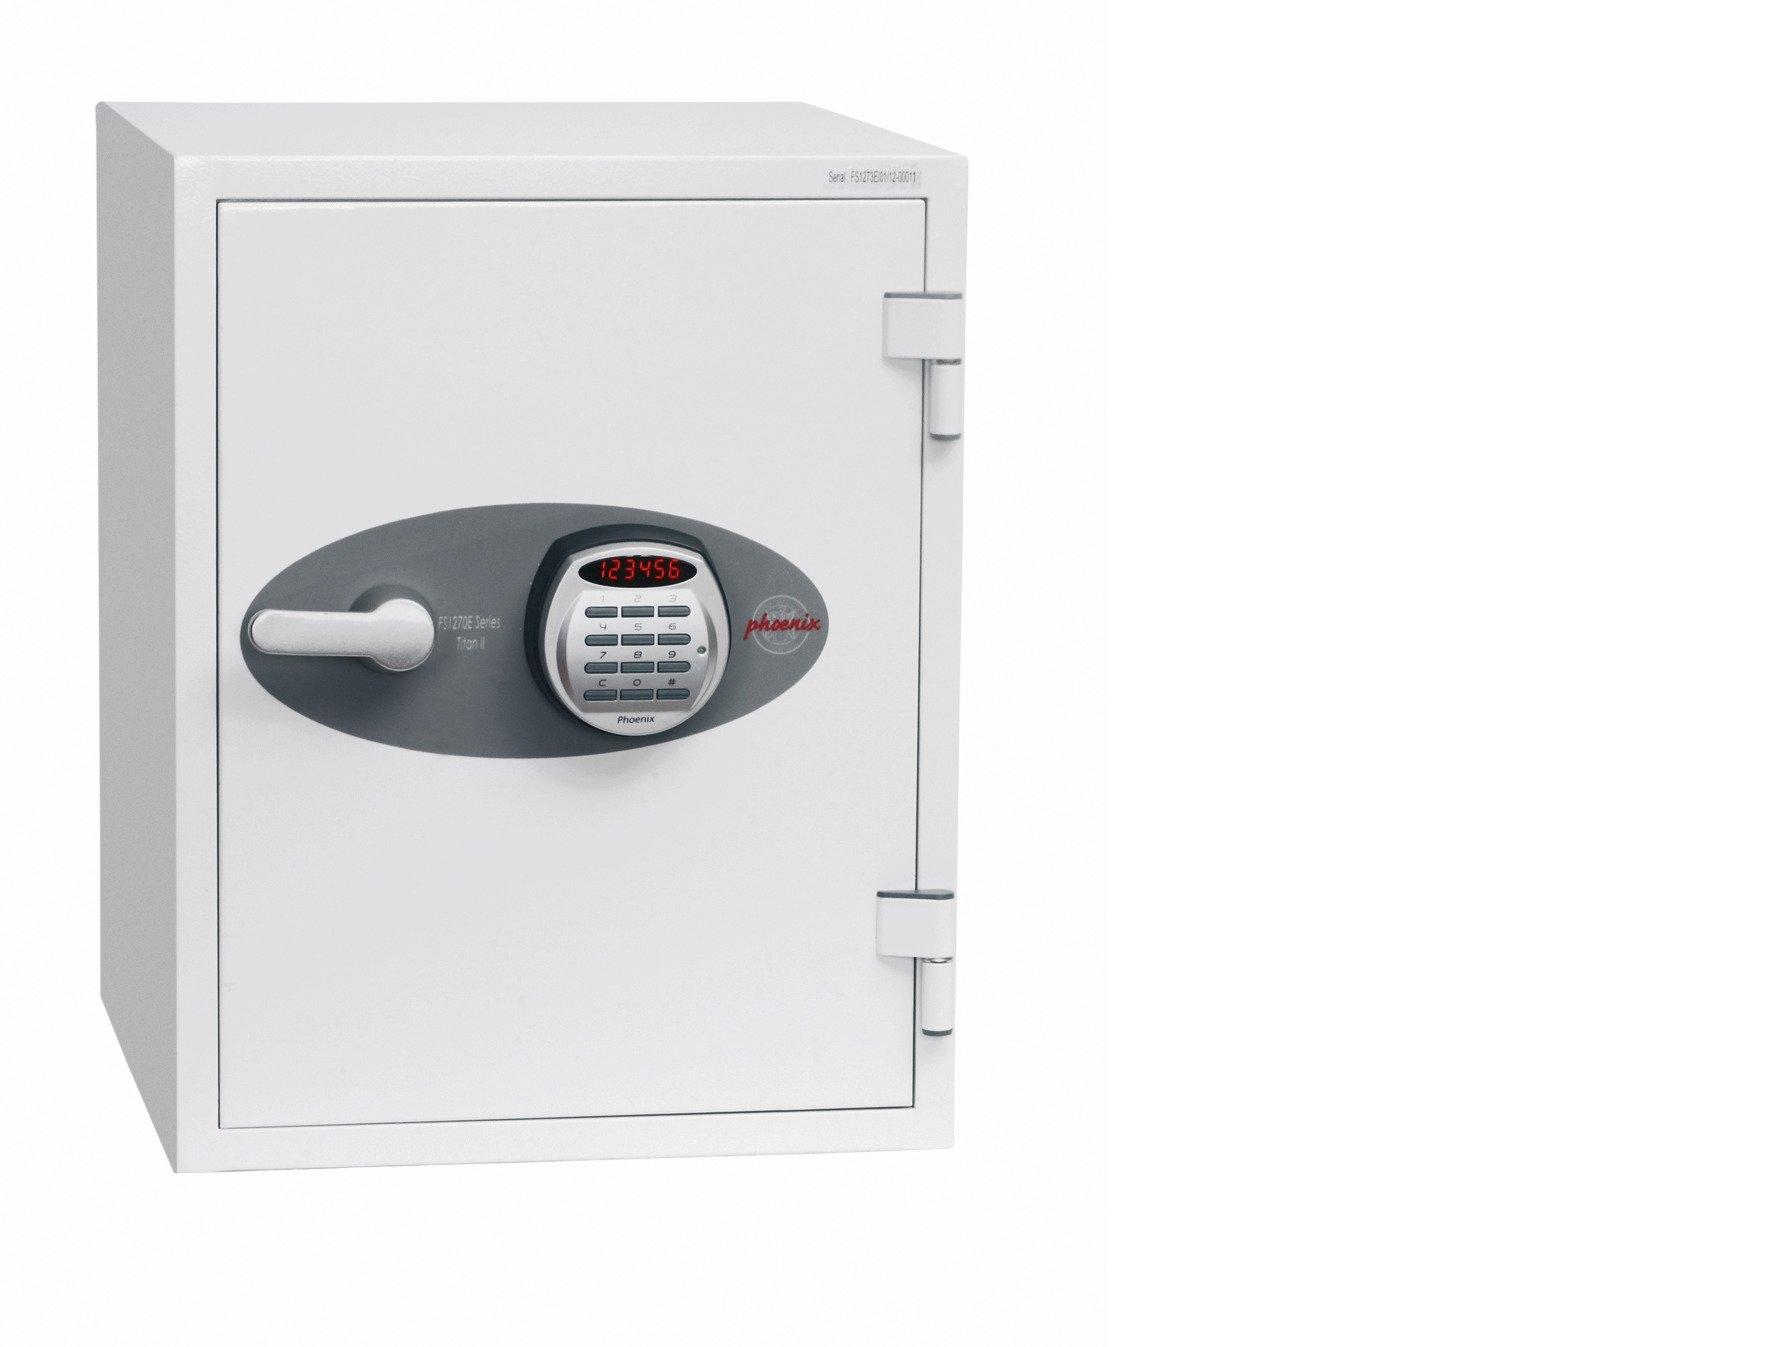 Phoenix kluis »Titan FS1283E« voordelig en veilig online kopen